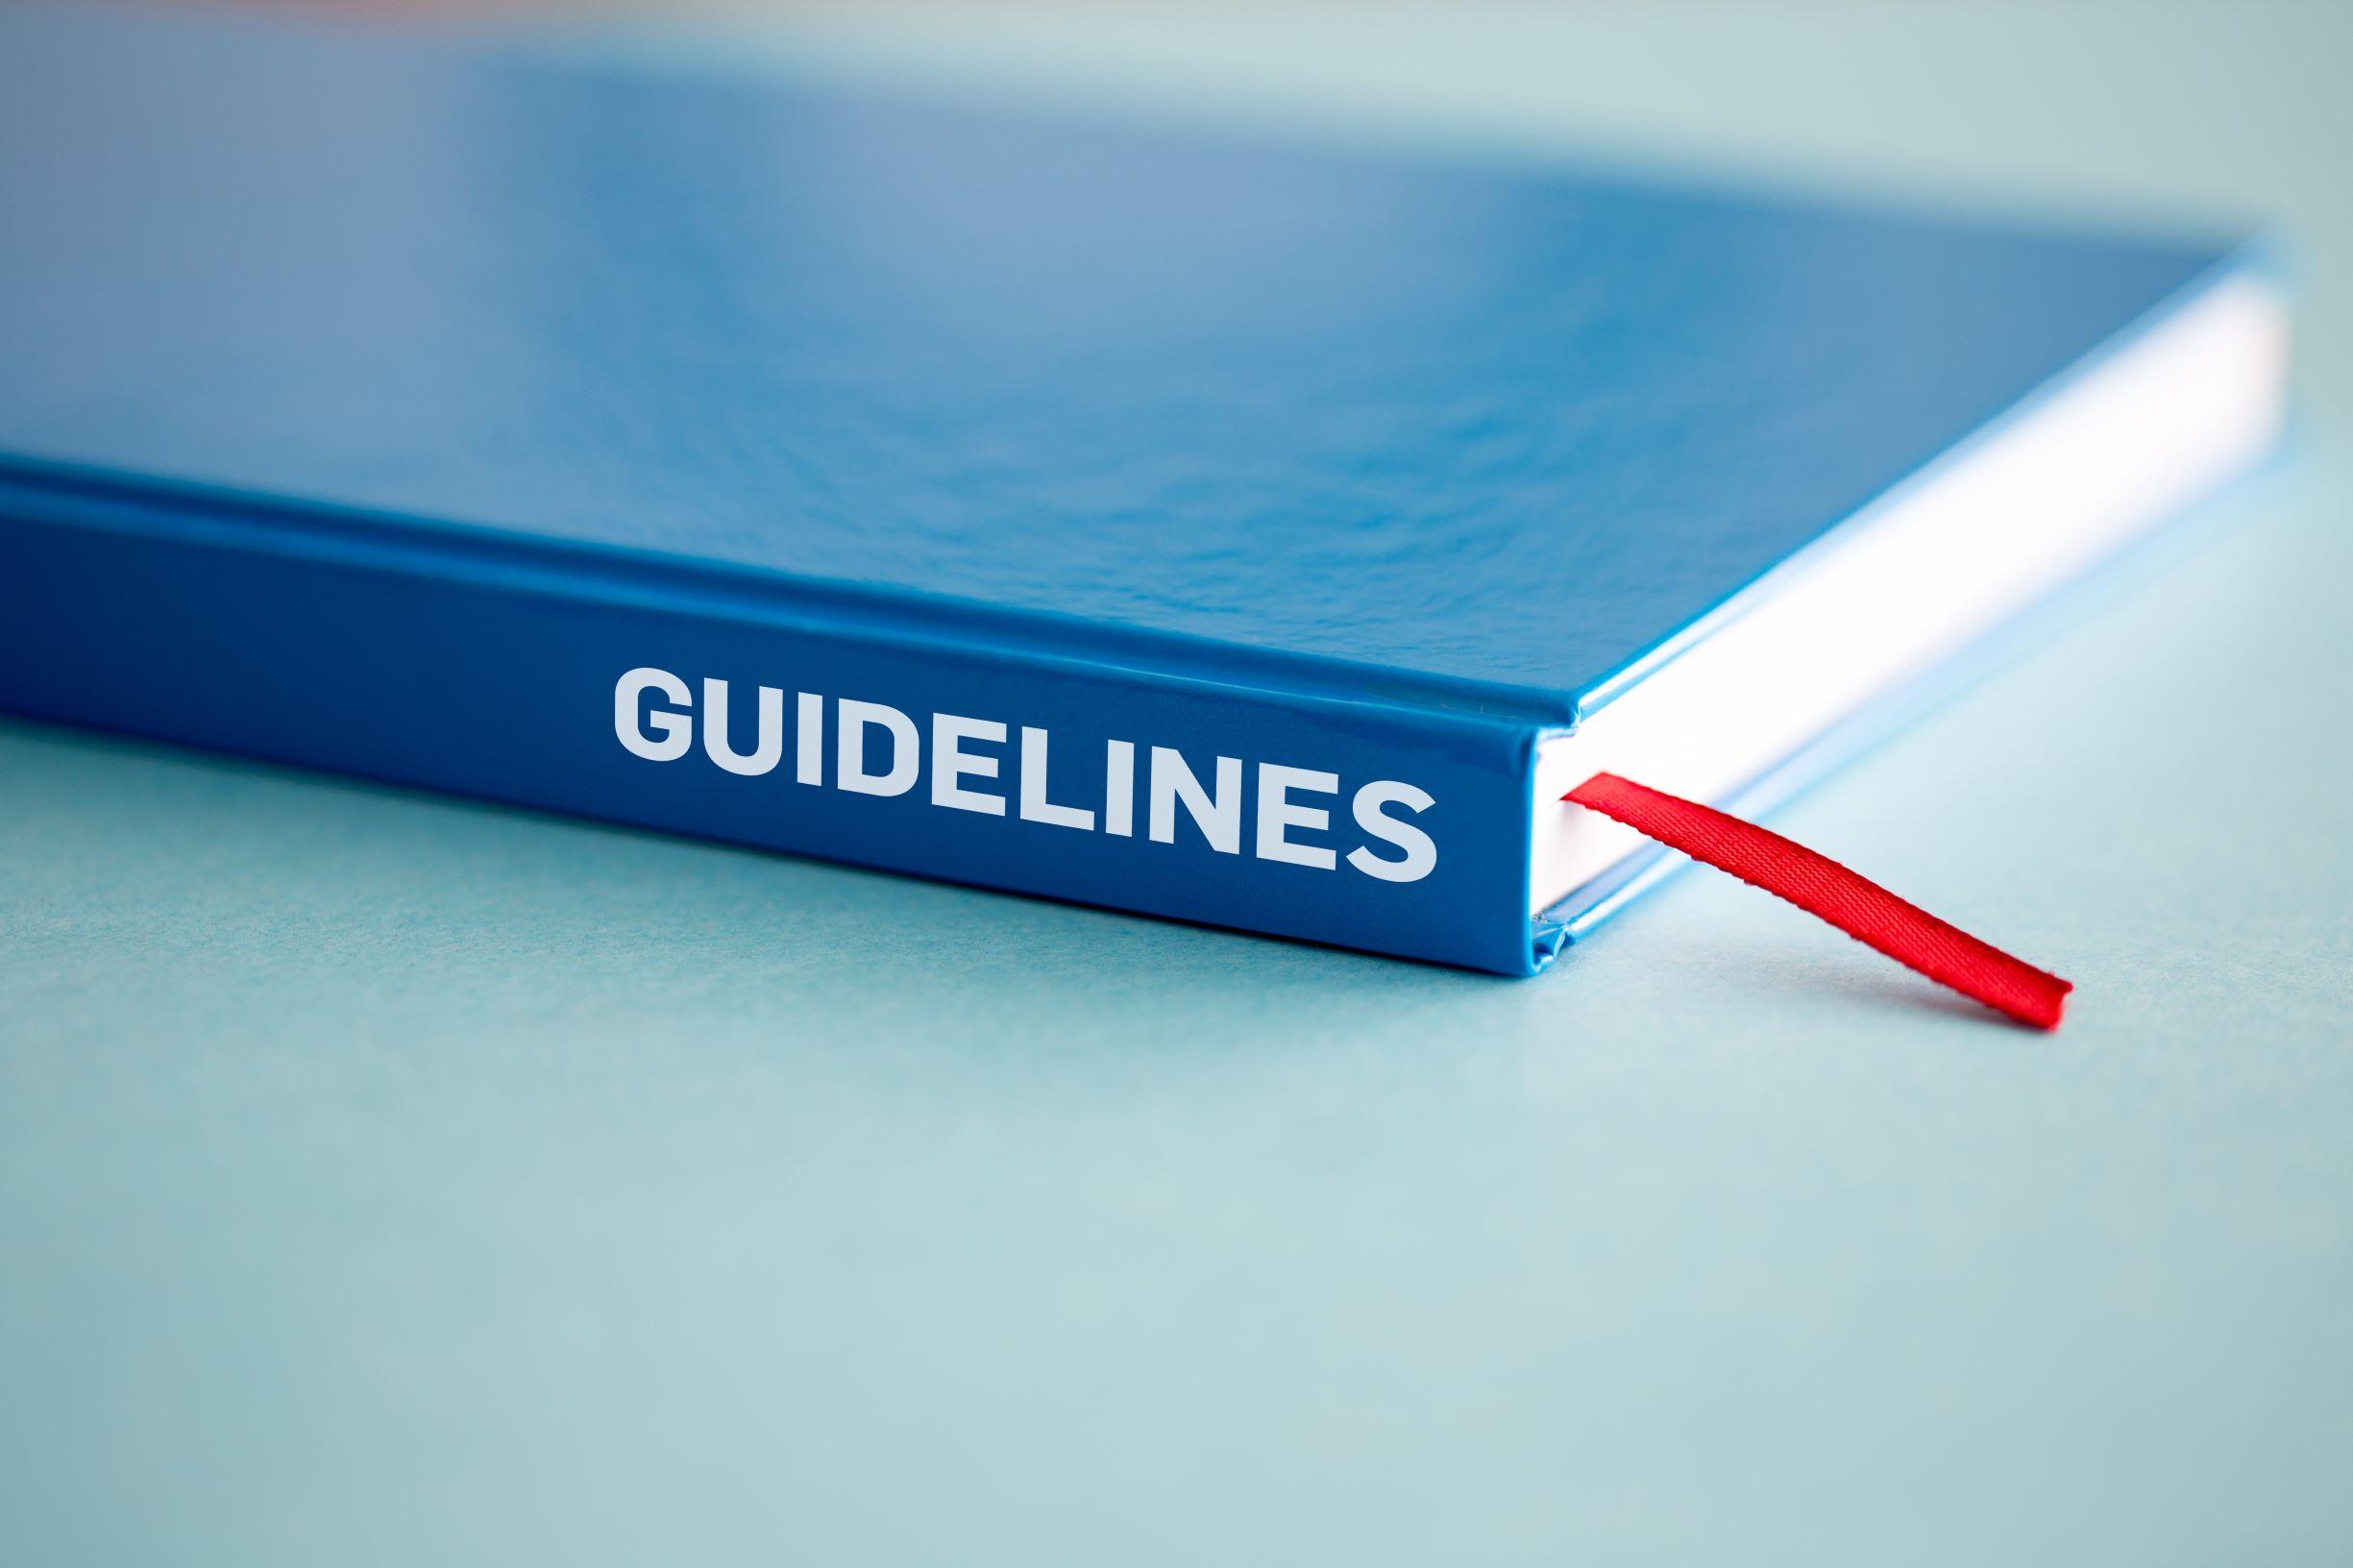 Omzendbrief GPI 94 over de richtlijnen van de genomen maatregelen ter bestrijding van het virus Covid-19